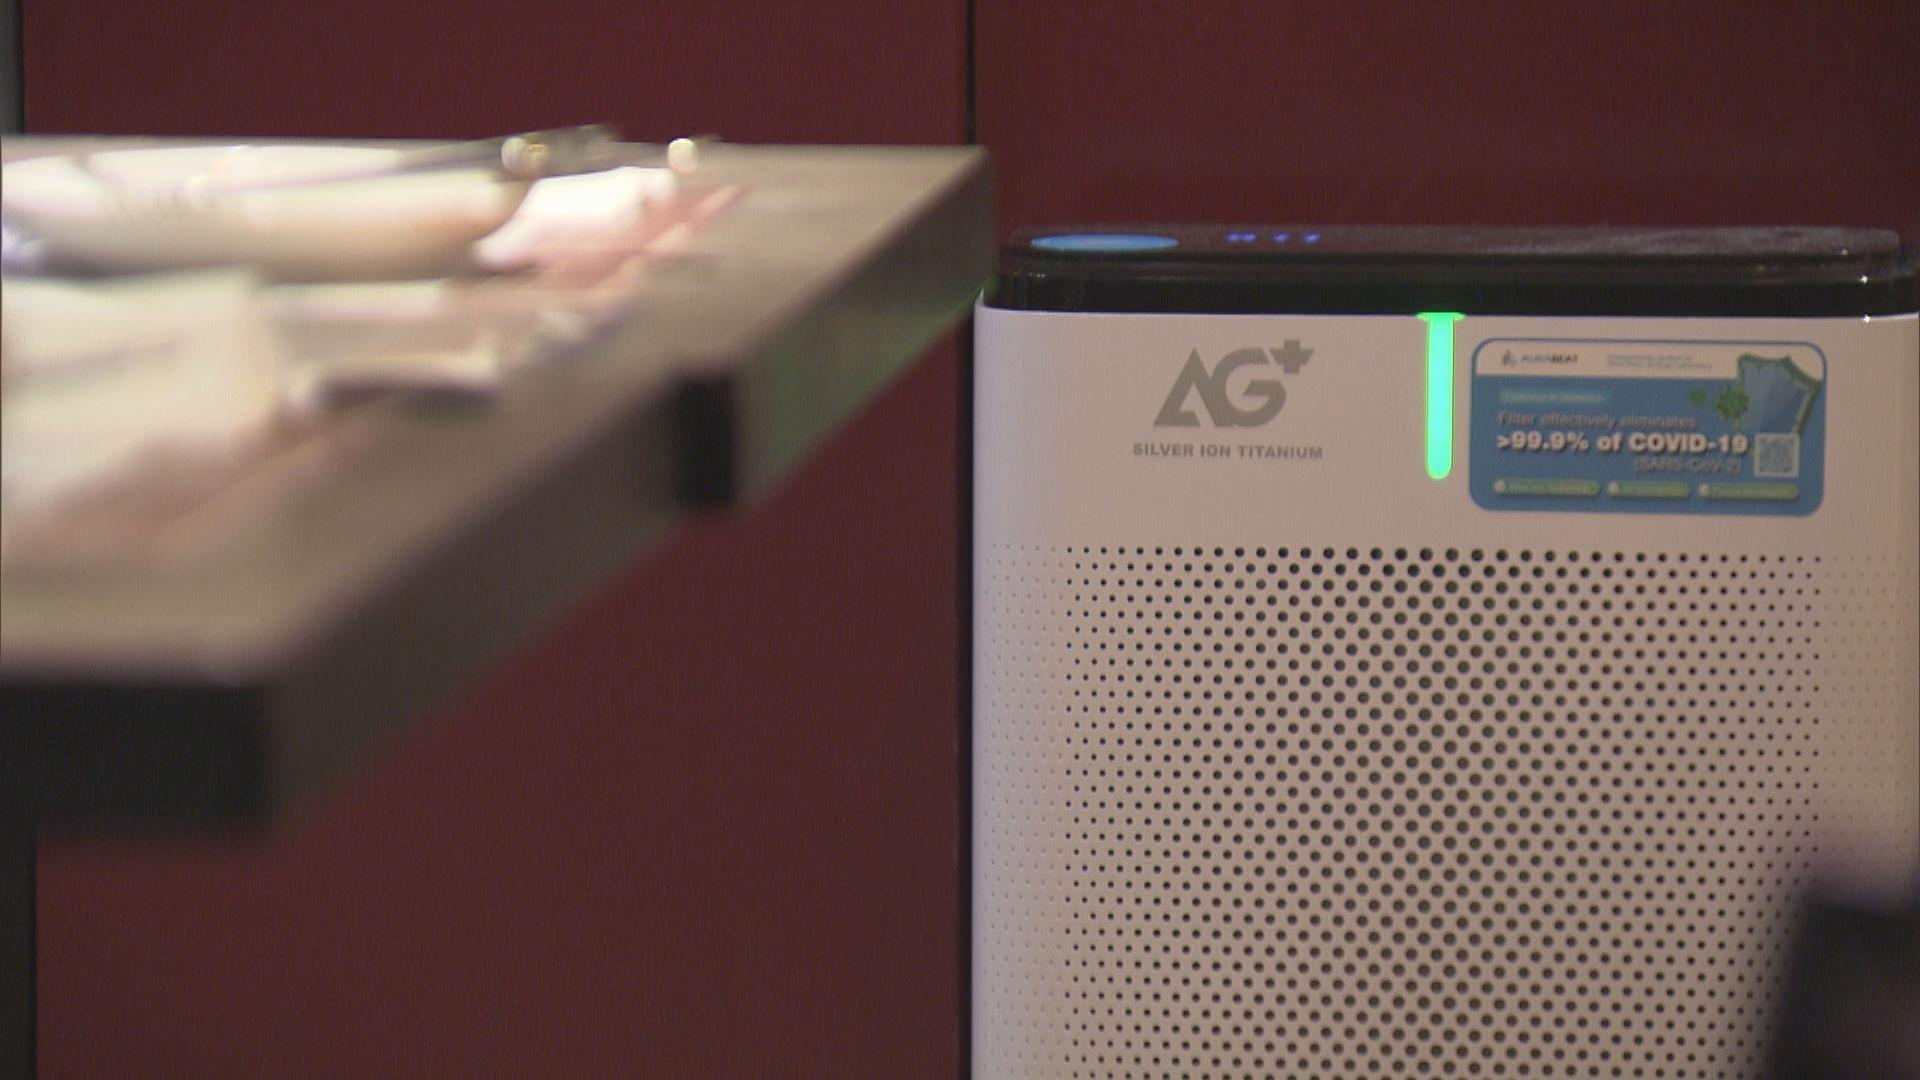 商場業主購置空氣淨化機供餐廳使用 冀符政府新規定